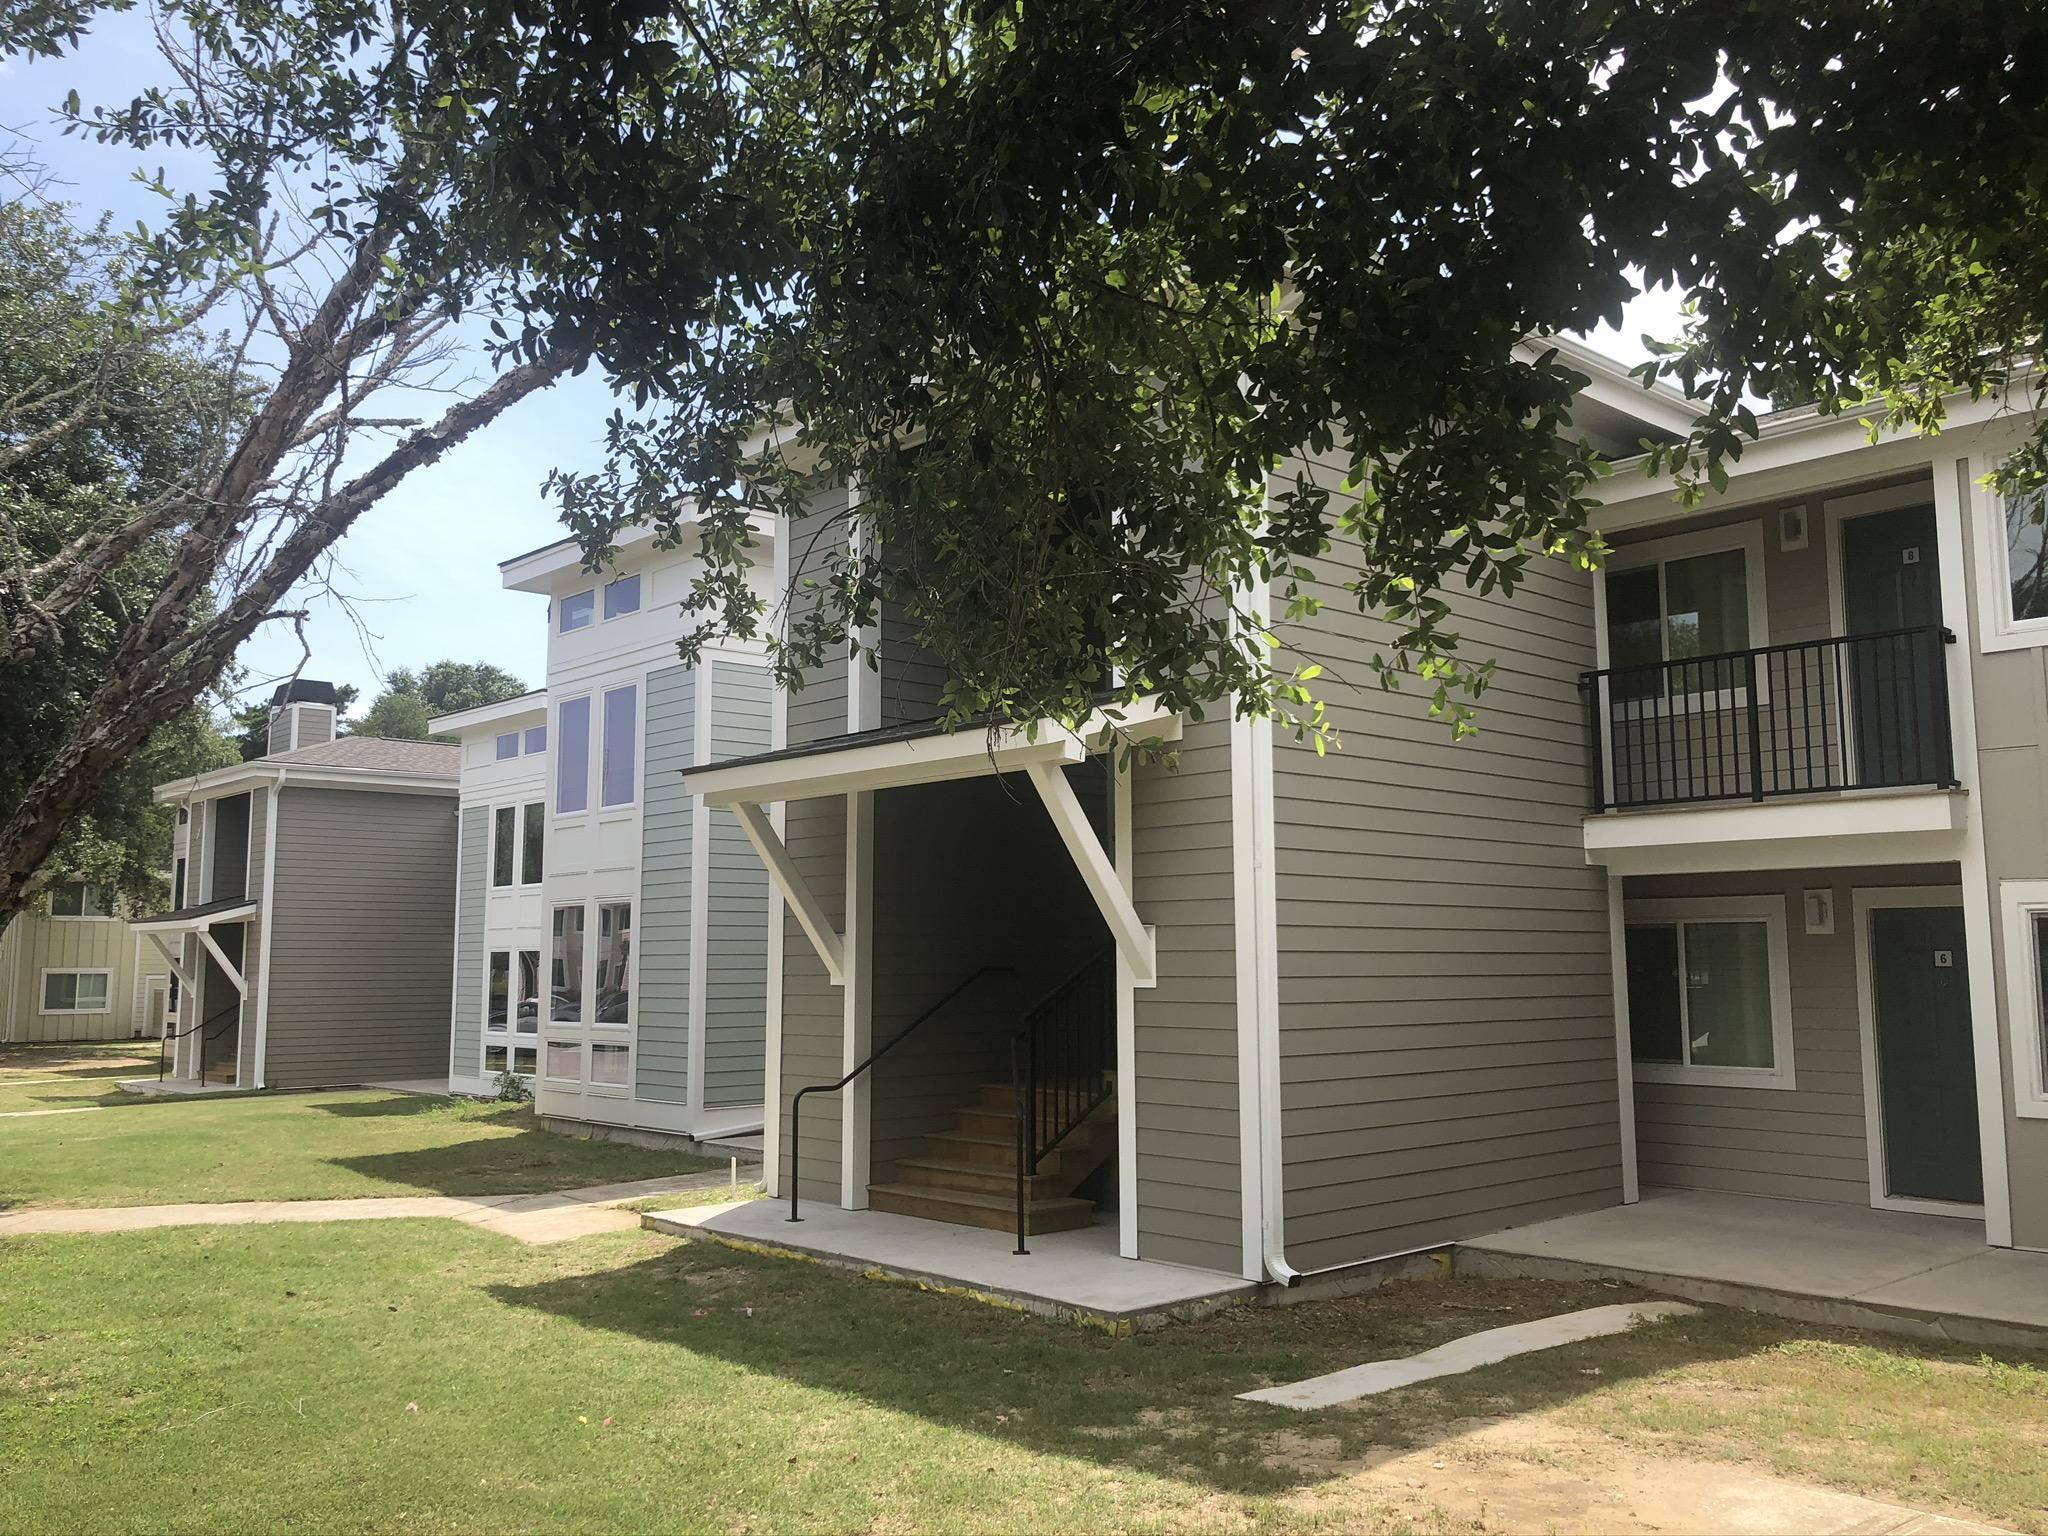 East Bridge Town Lofts Homes For Sale - 265 Alexandra, Mount Pleasant, SC - 13